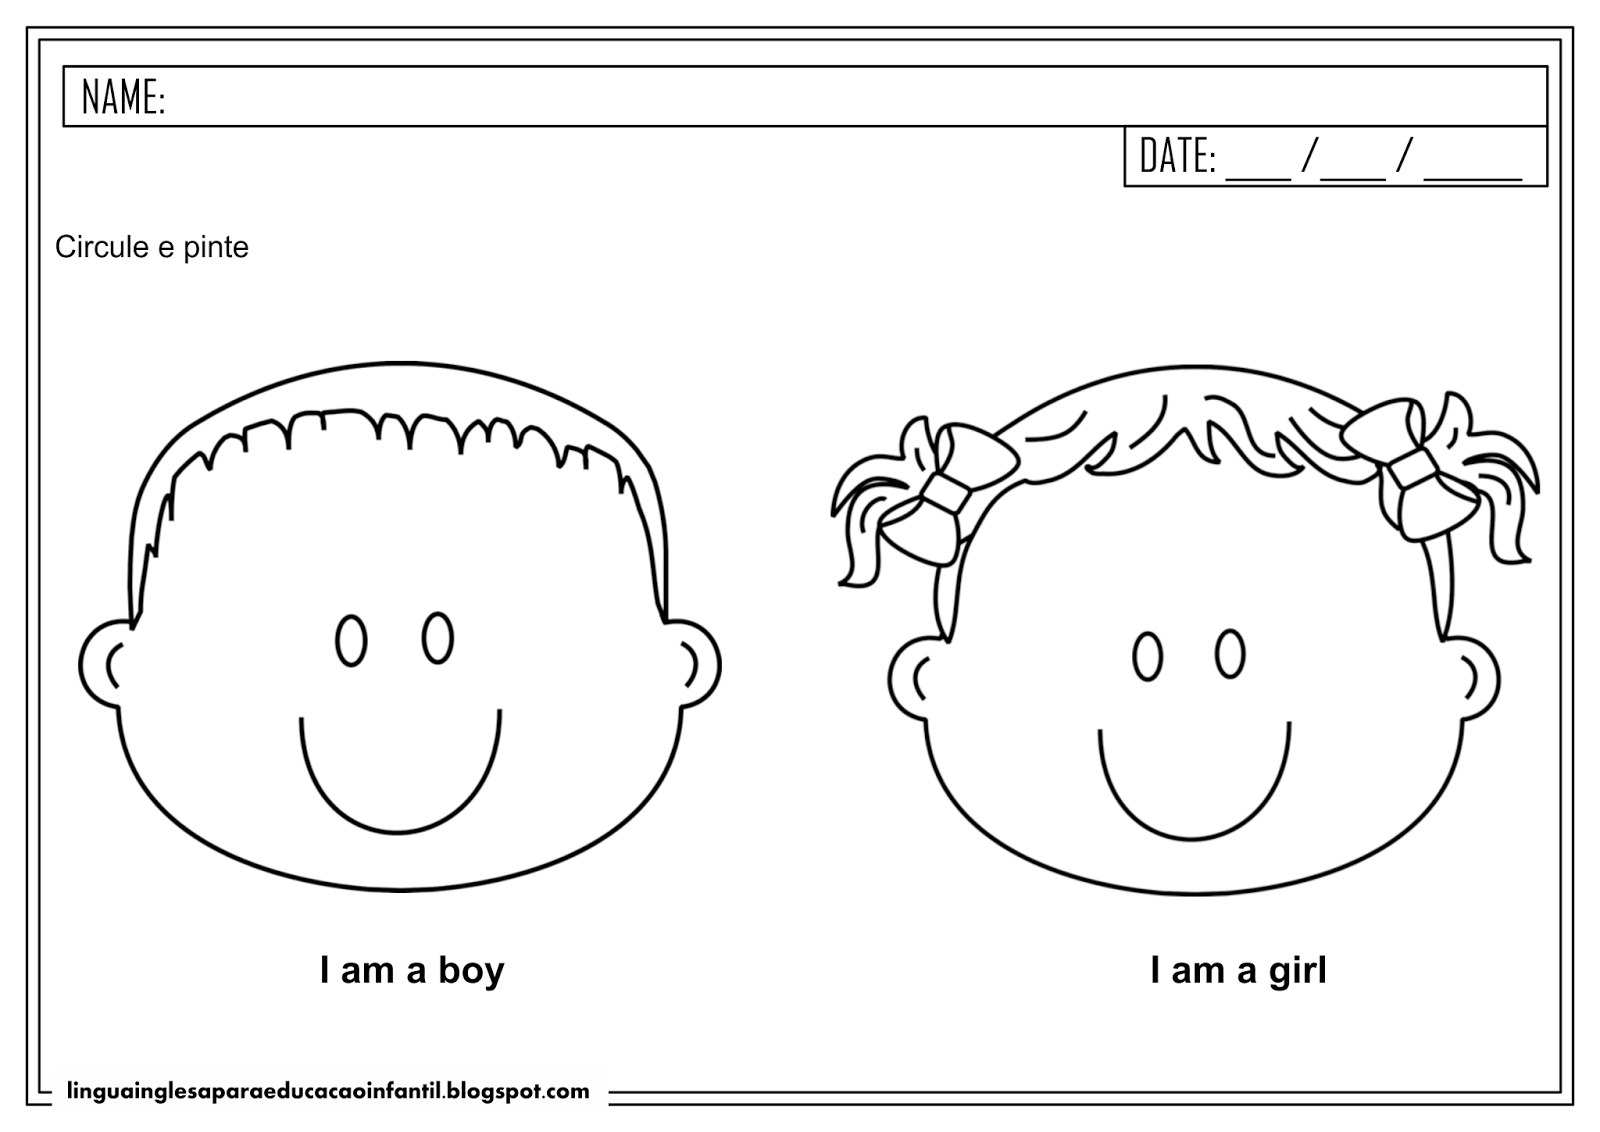 Atividade de inglês - Gêneros para educação infantil